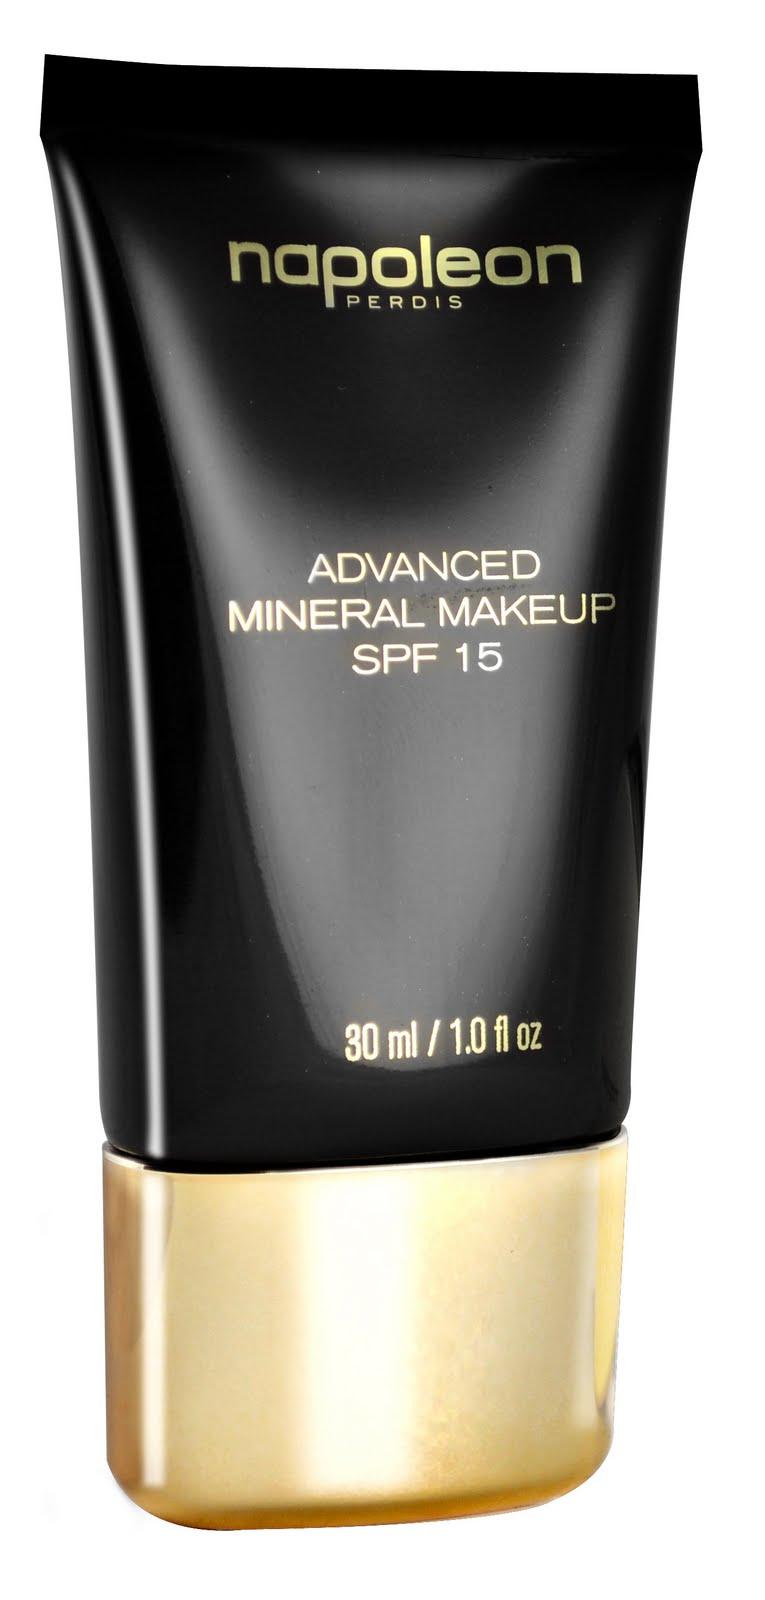 Napoleon_Perdis_Advanced_Mineral_Makeup